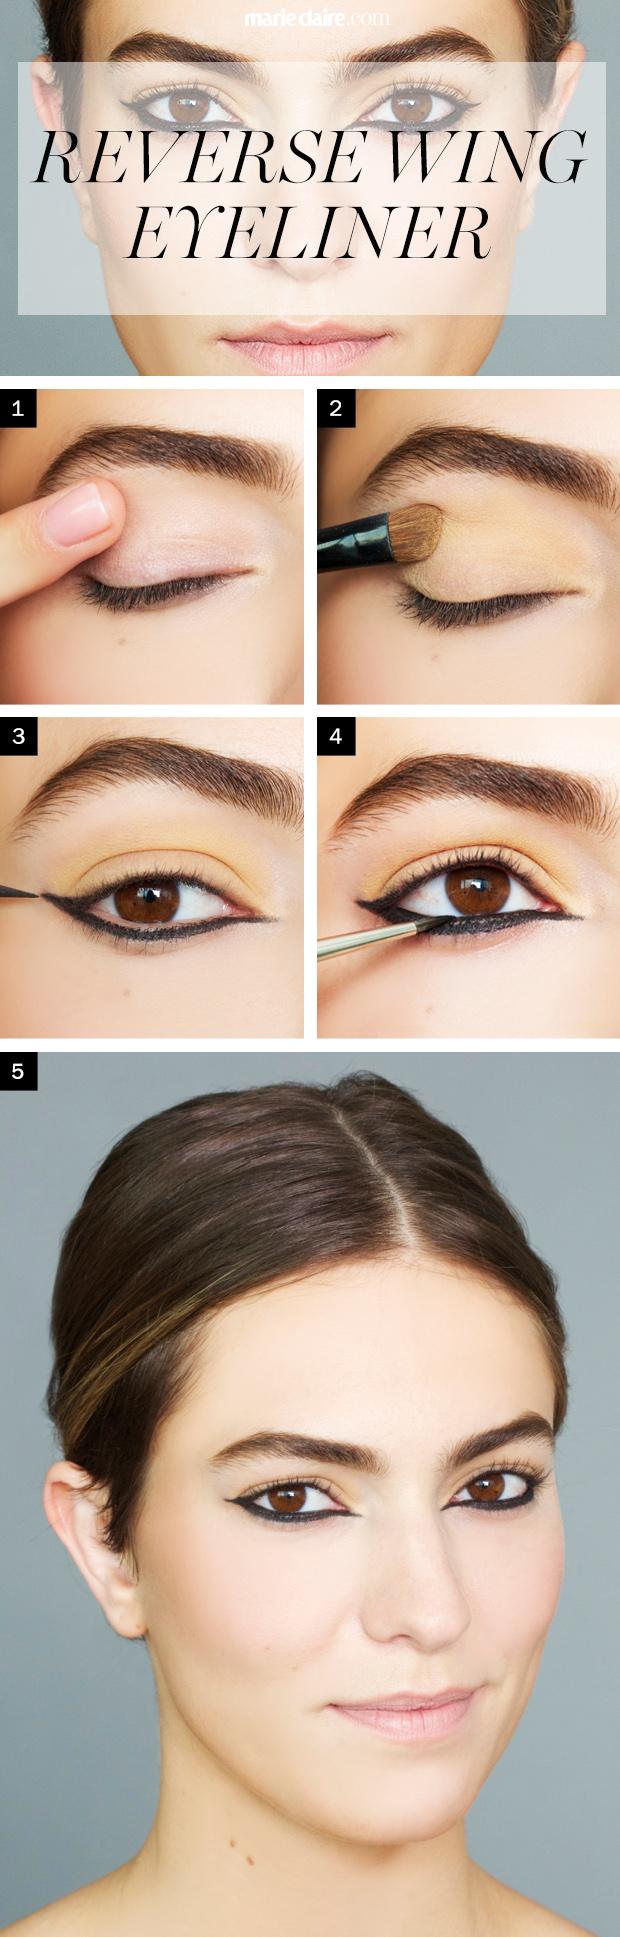 reversed wing eyeliner